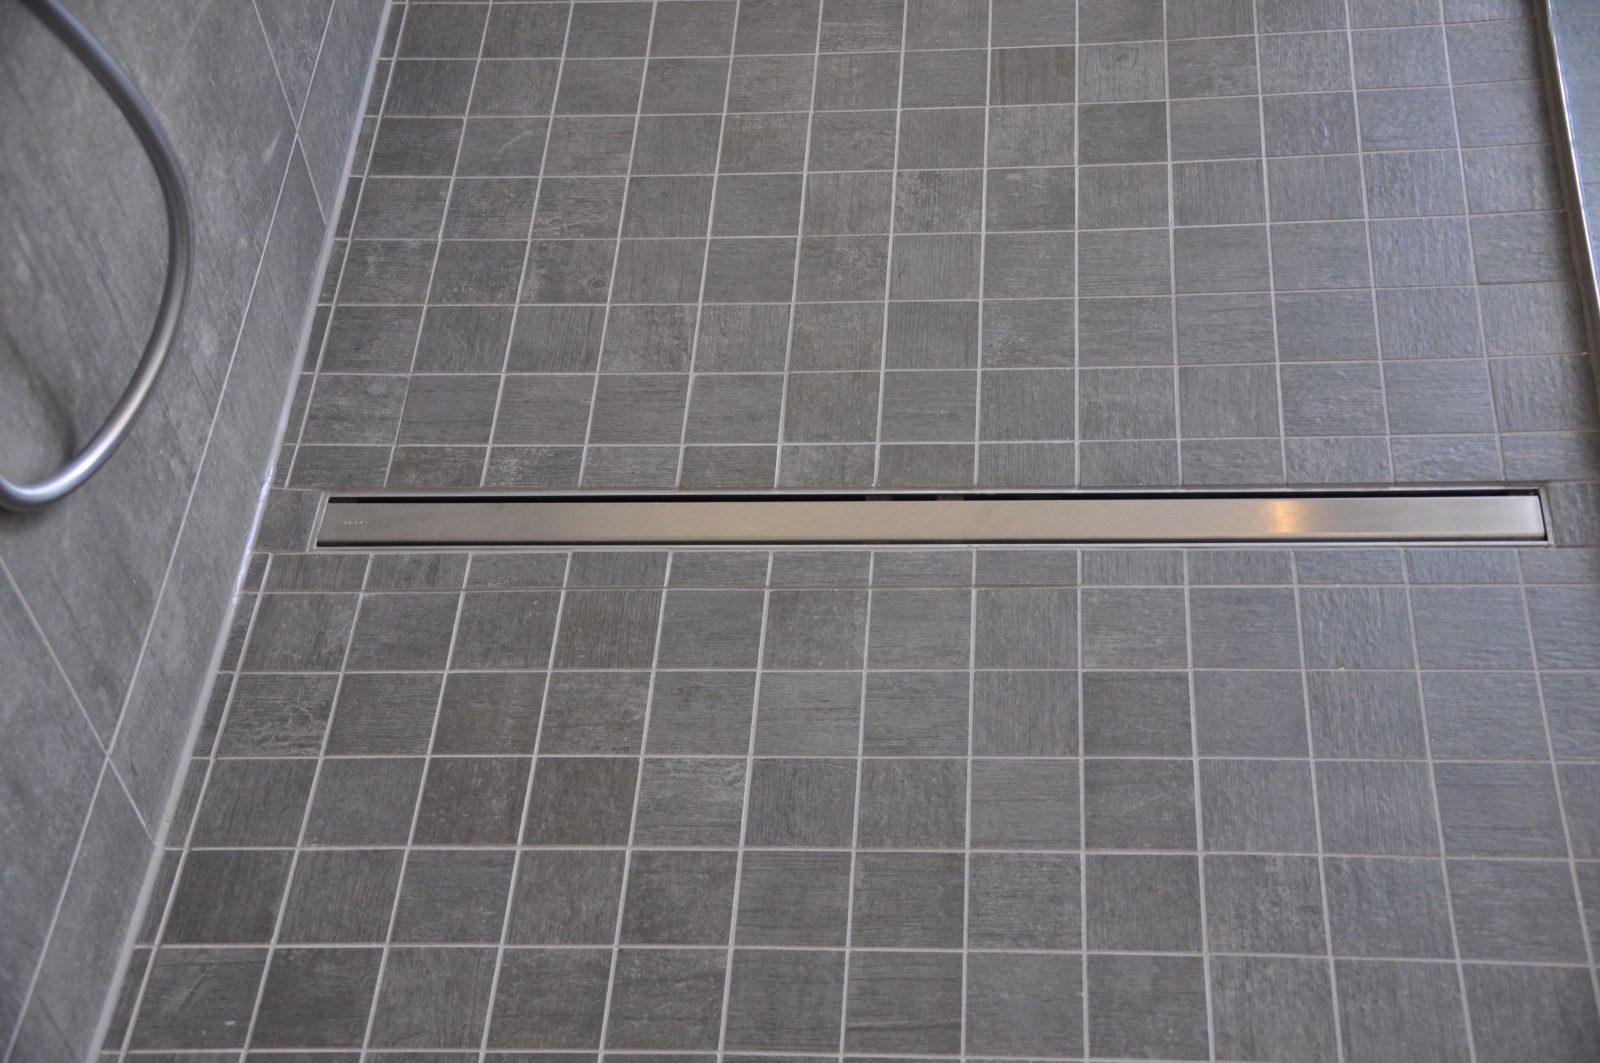 Keramikplatten In Splitt Verlegen Frisch Begehbare Dusche Mit Mosaik von Mosaik Fliesen Für Dusche Photo